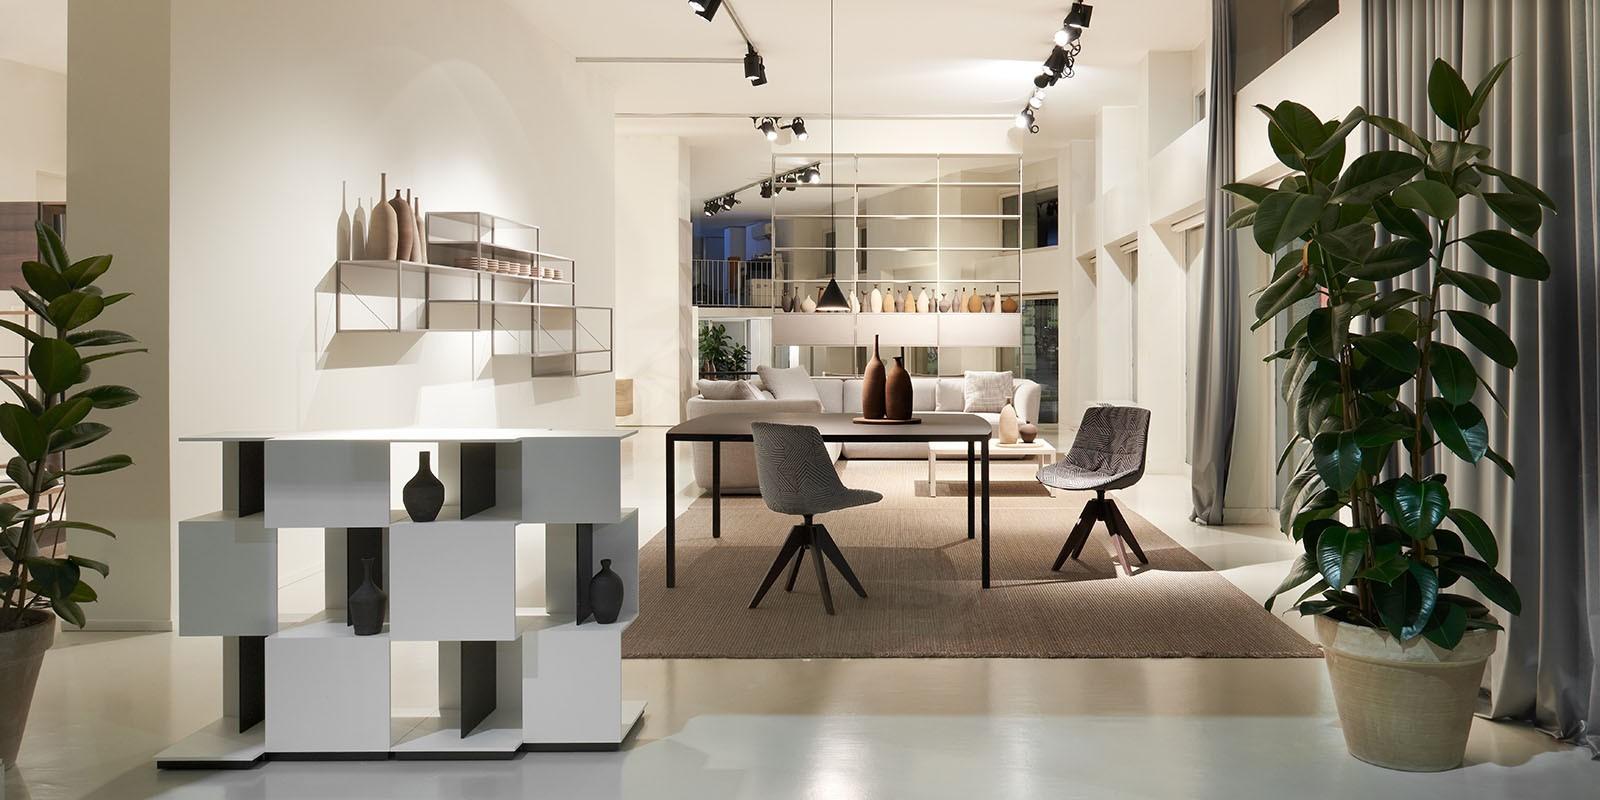 showroom a milano arredamento dal design unico mdf italia